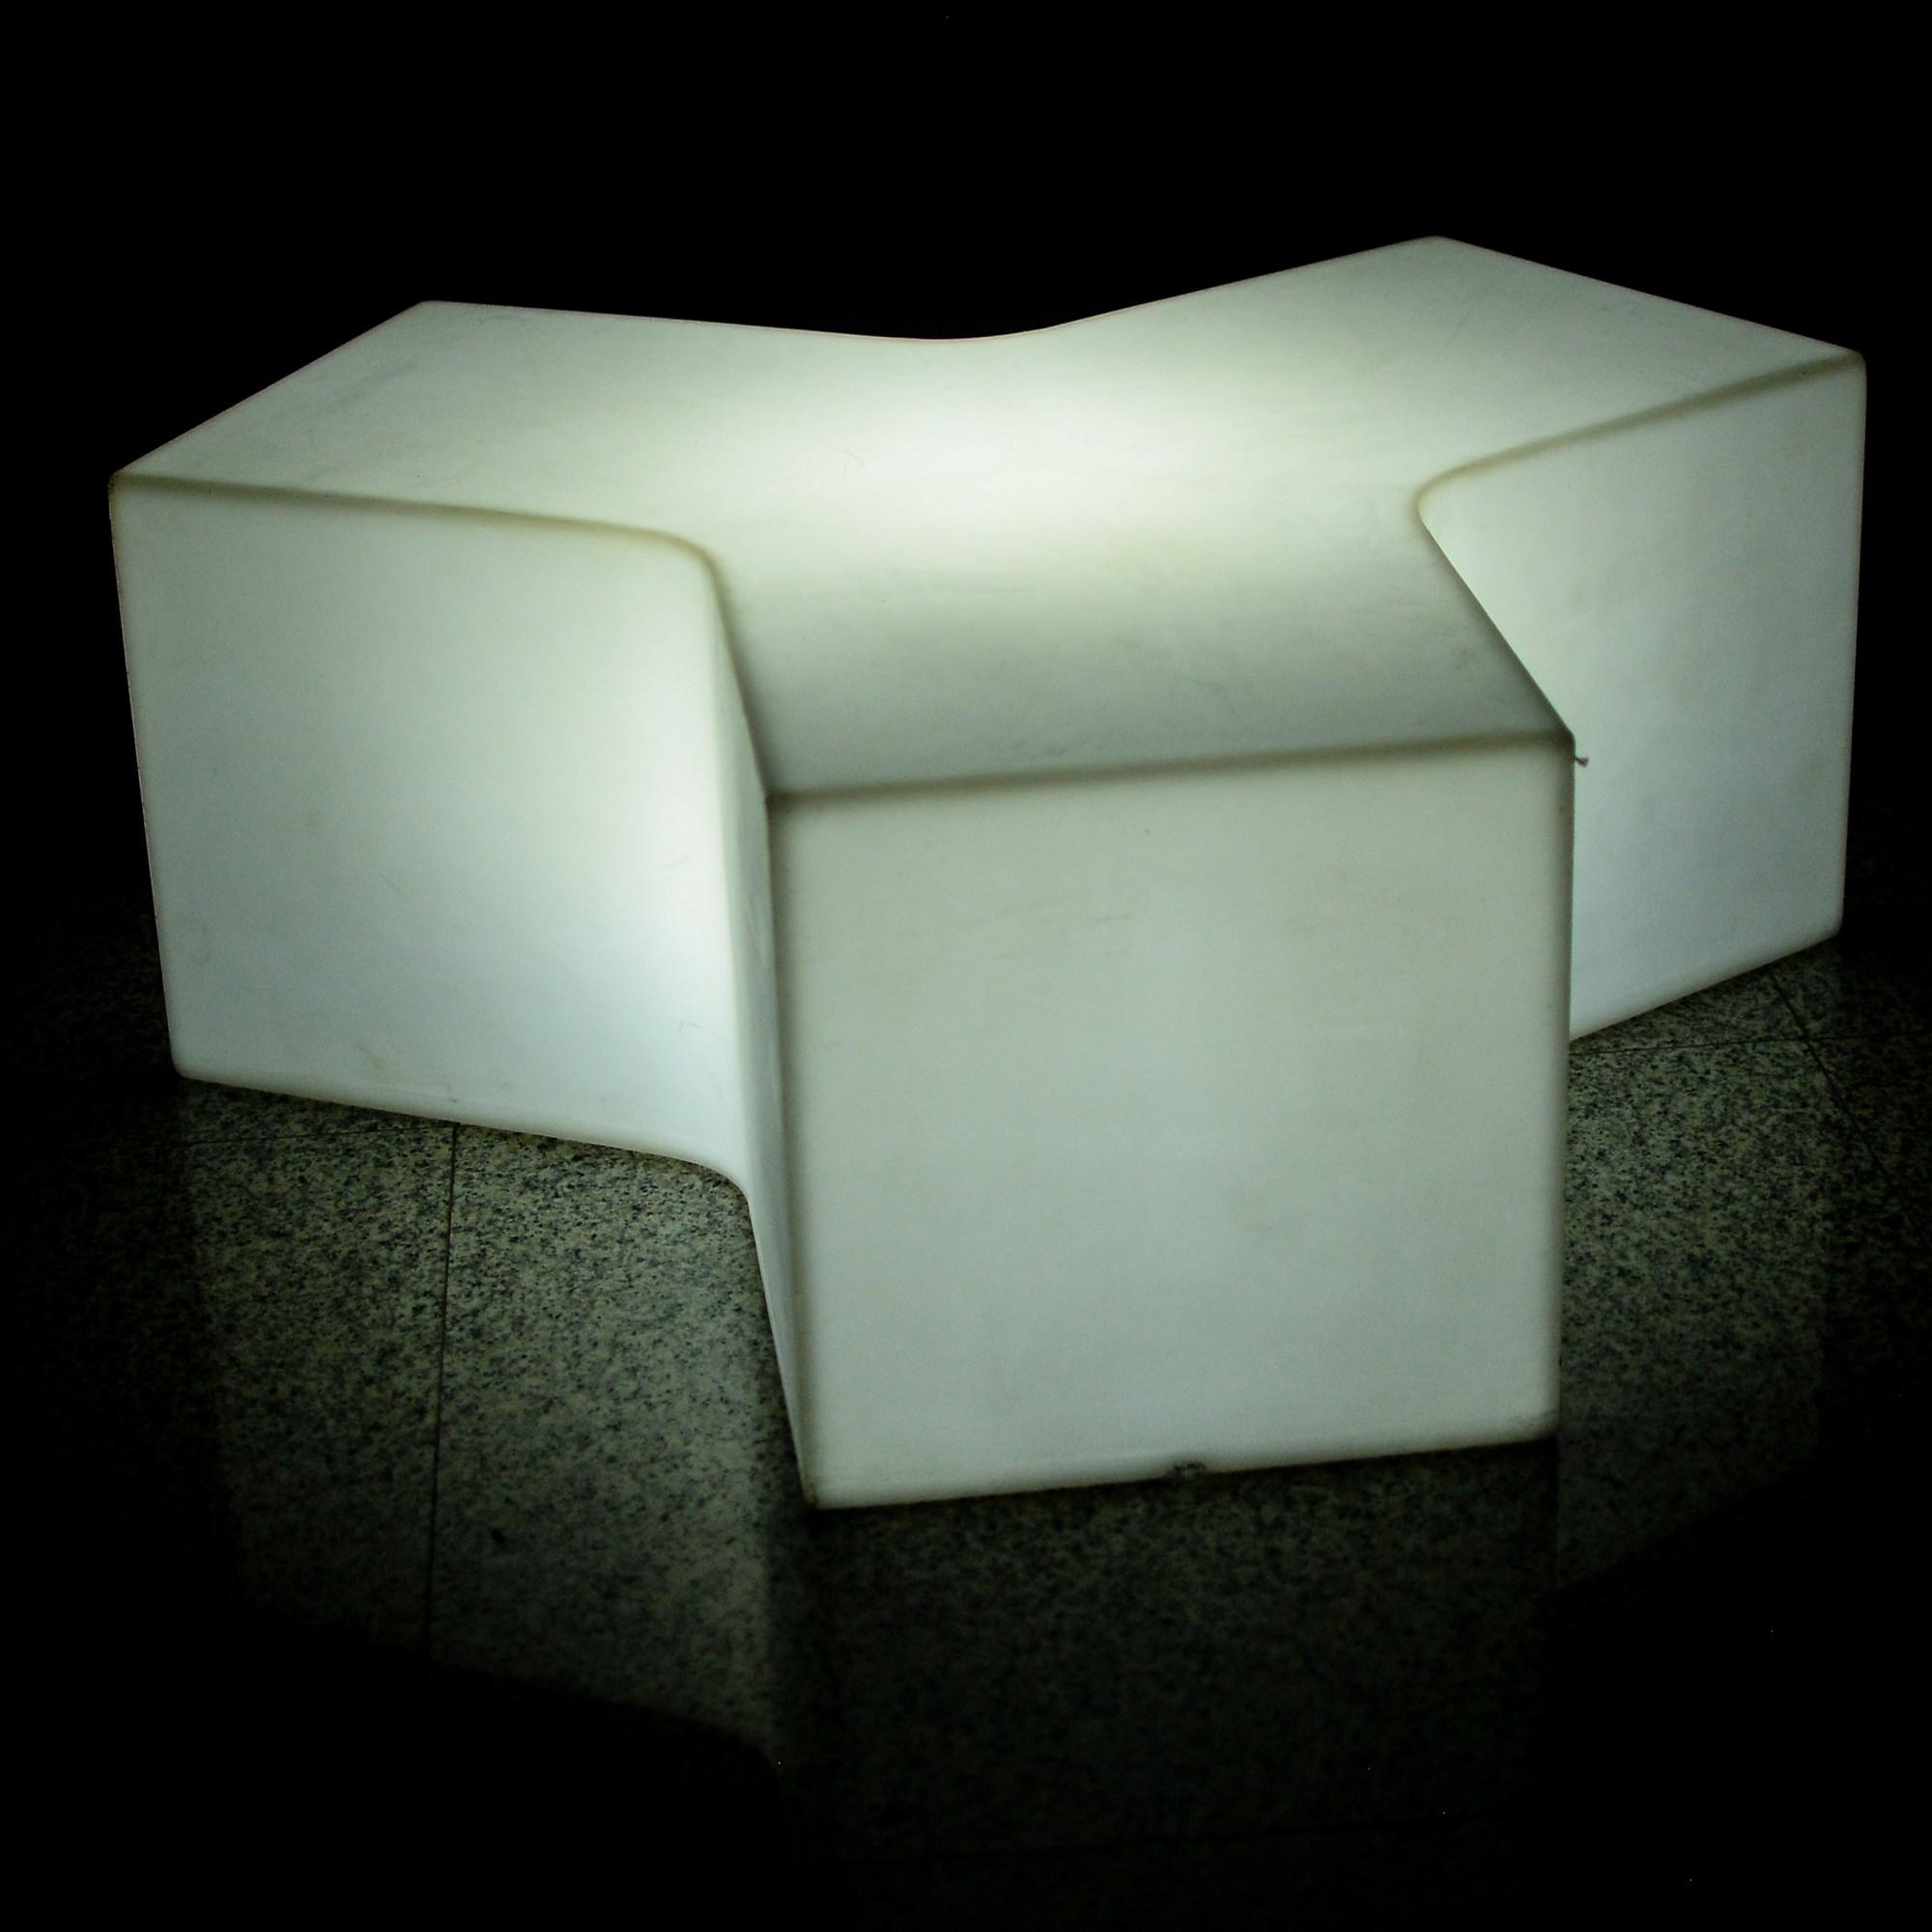 aluguel de móveis de LED para festas e eventos, festa personalizada, decoração diferenciada